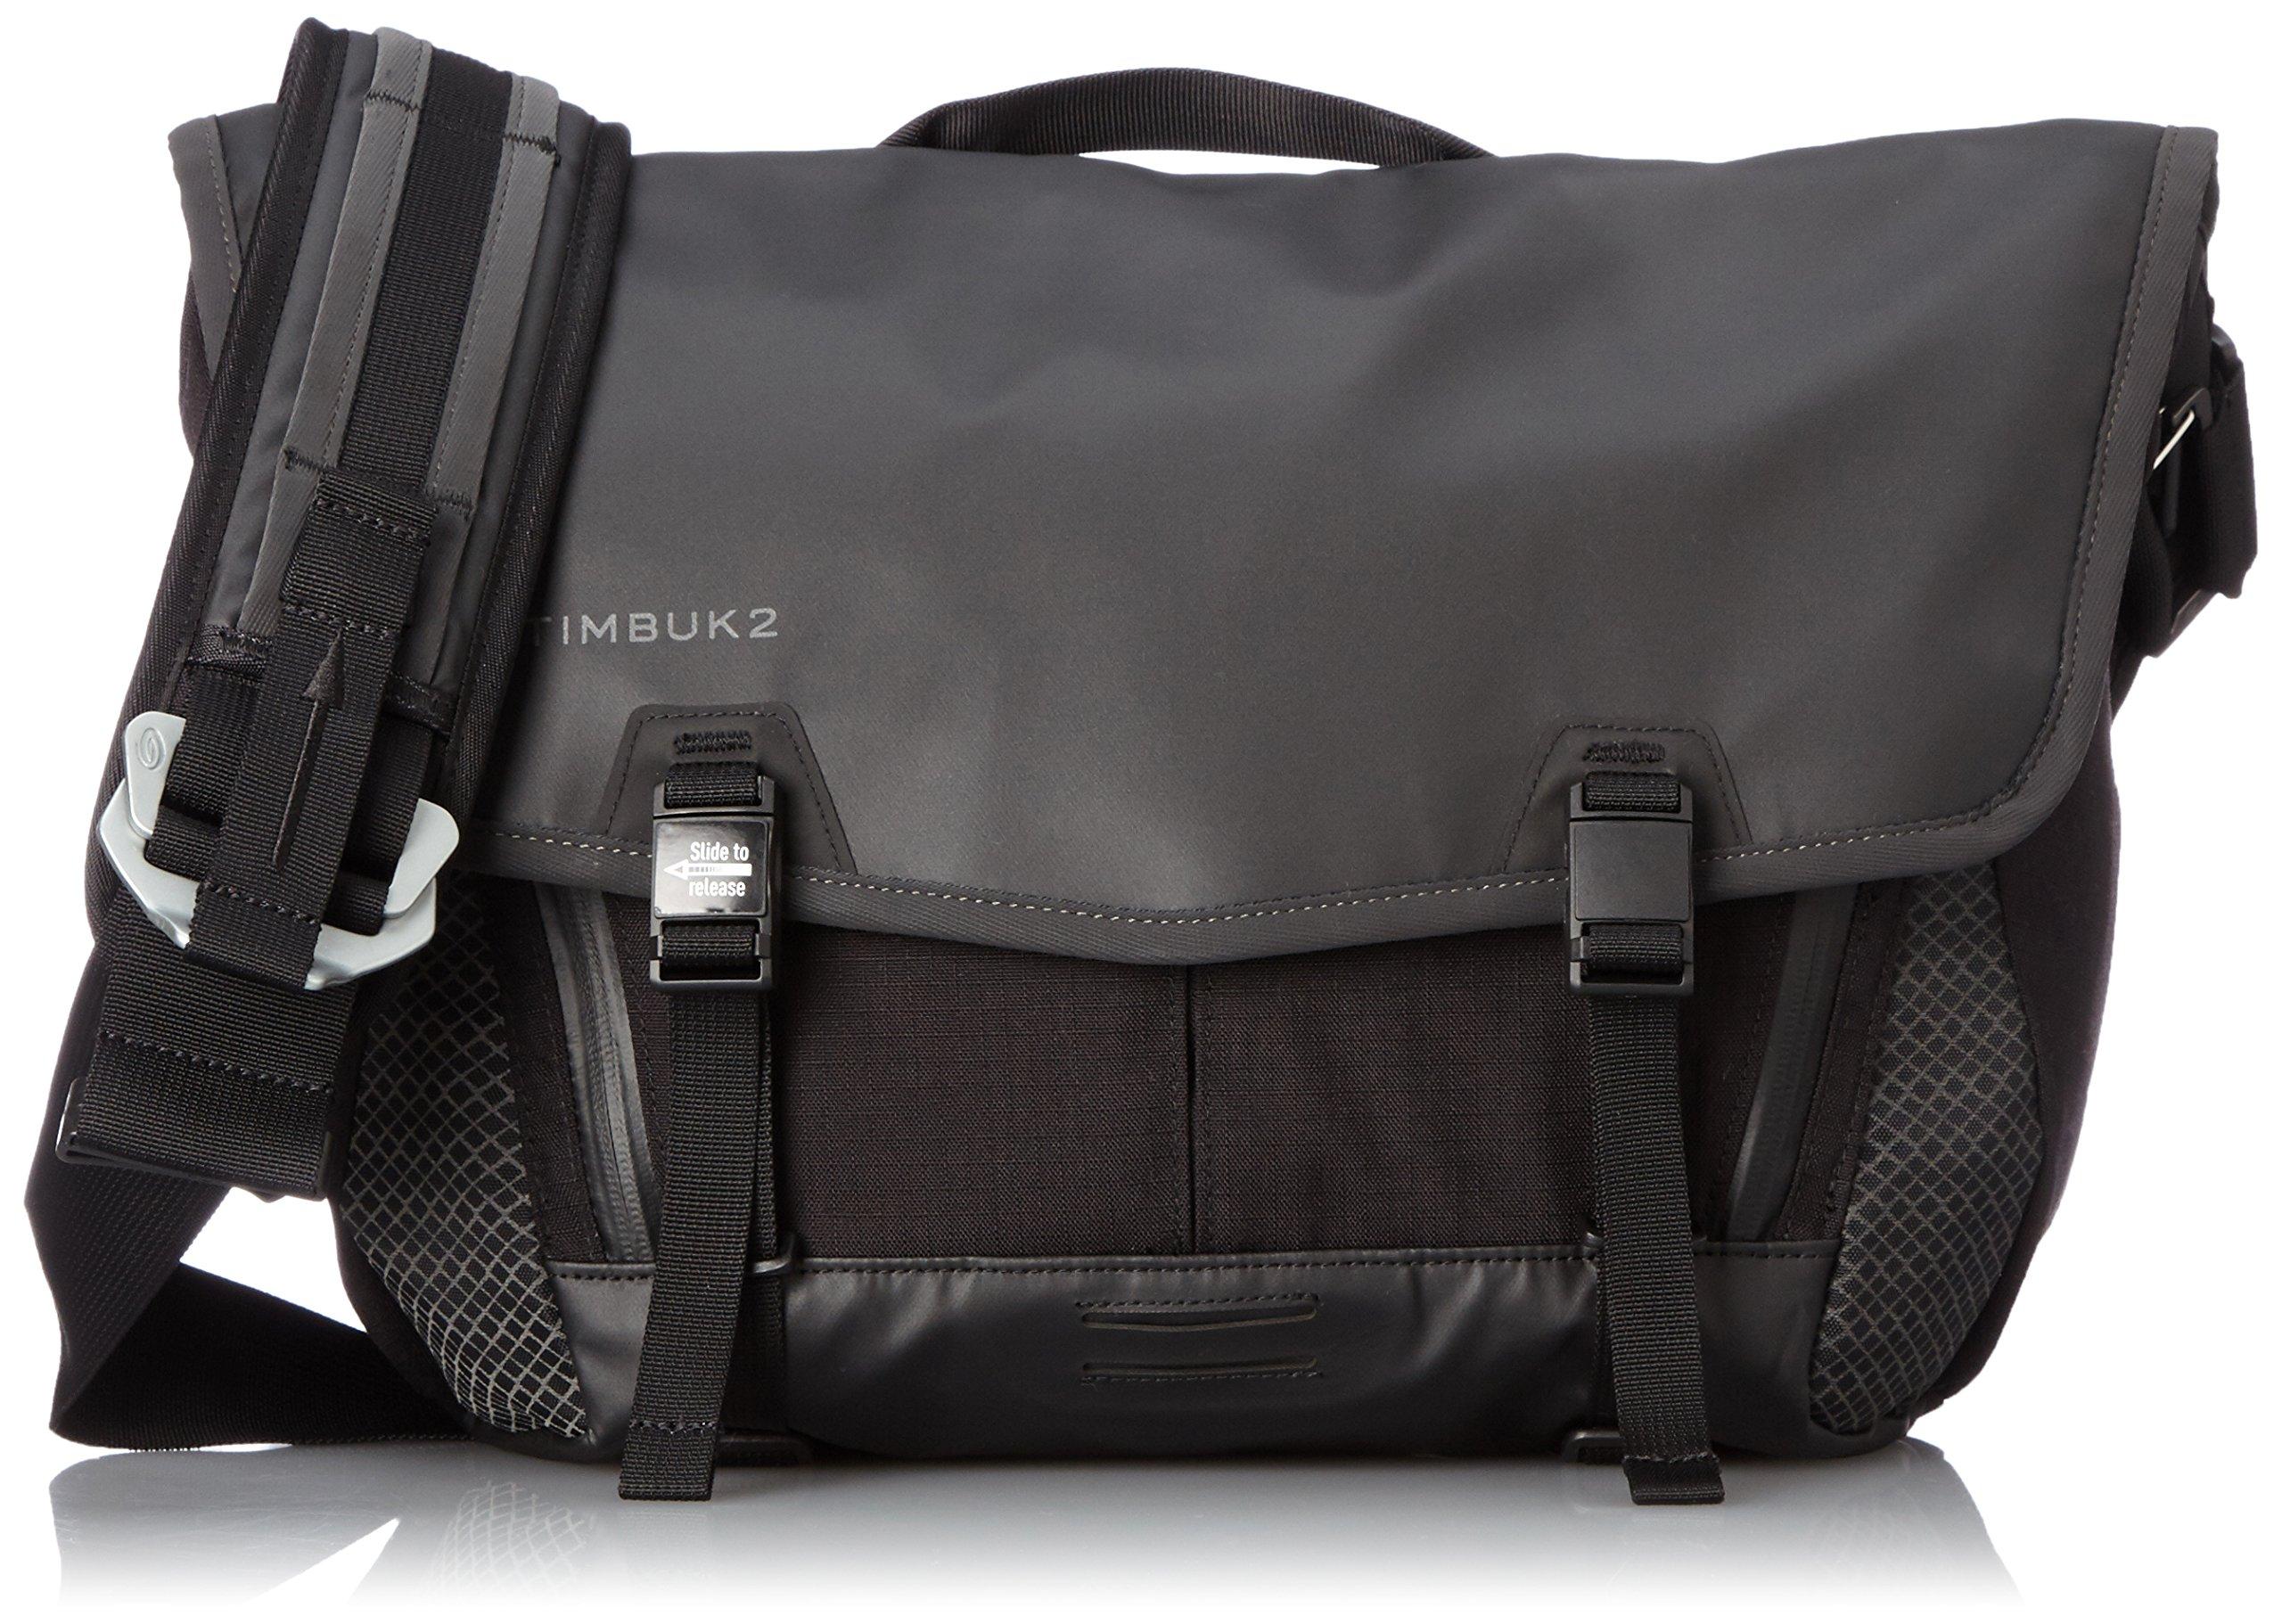 Timbuk2 Especial Messenger Bag, Black by Timbuk2